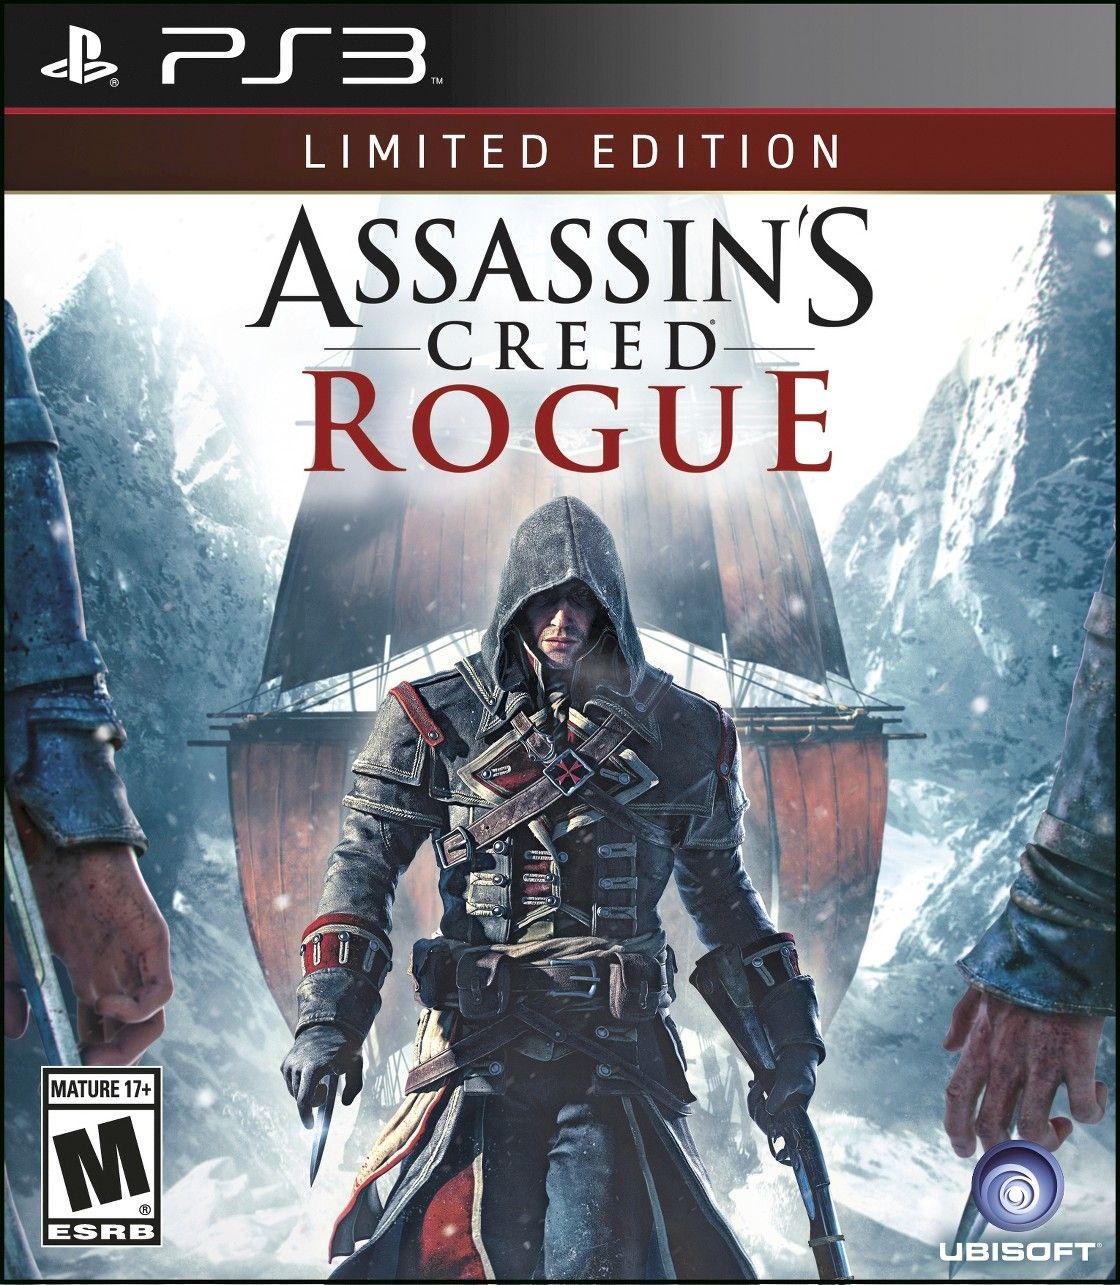 Assassin's Creed Rogue (PlayStation 3) Assassins creed